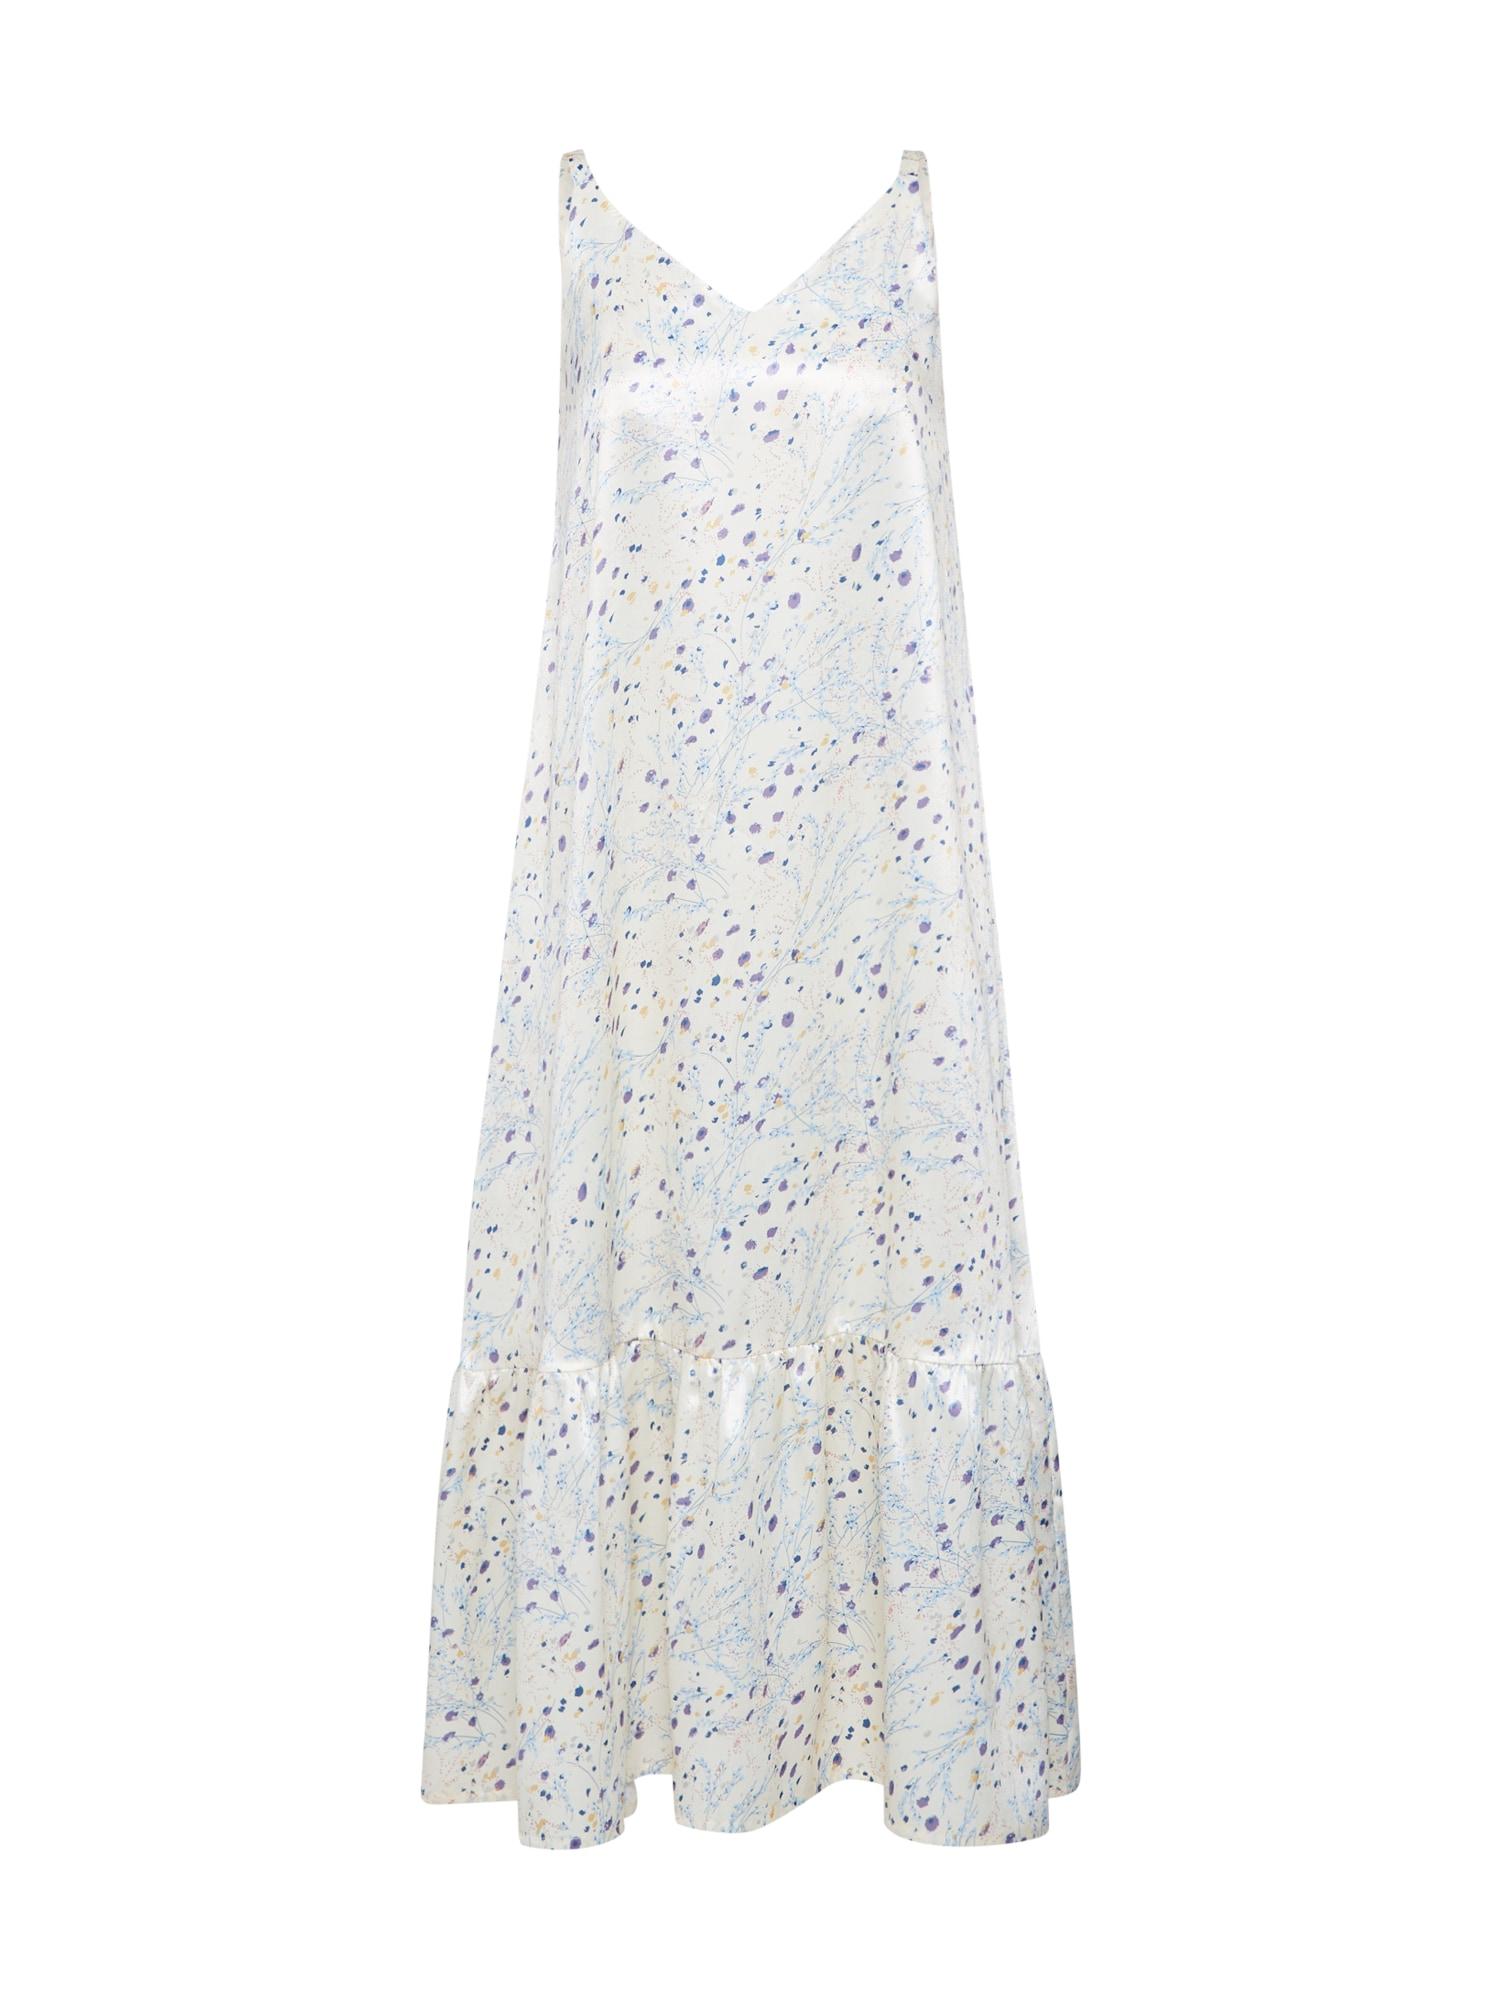 EDITED Suknelė 'Fabiane' balta / mišrios spalvos